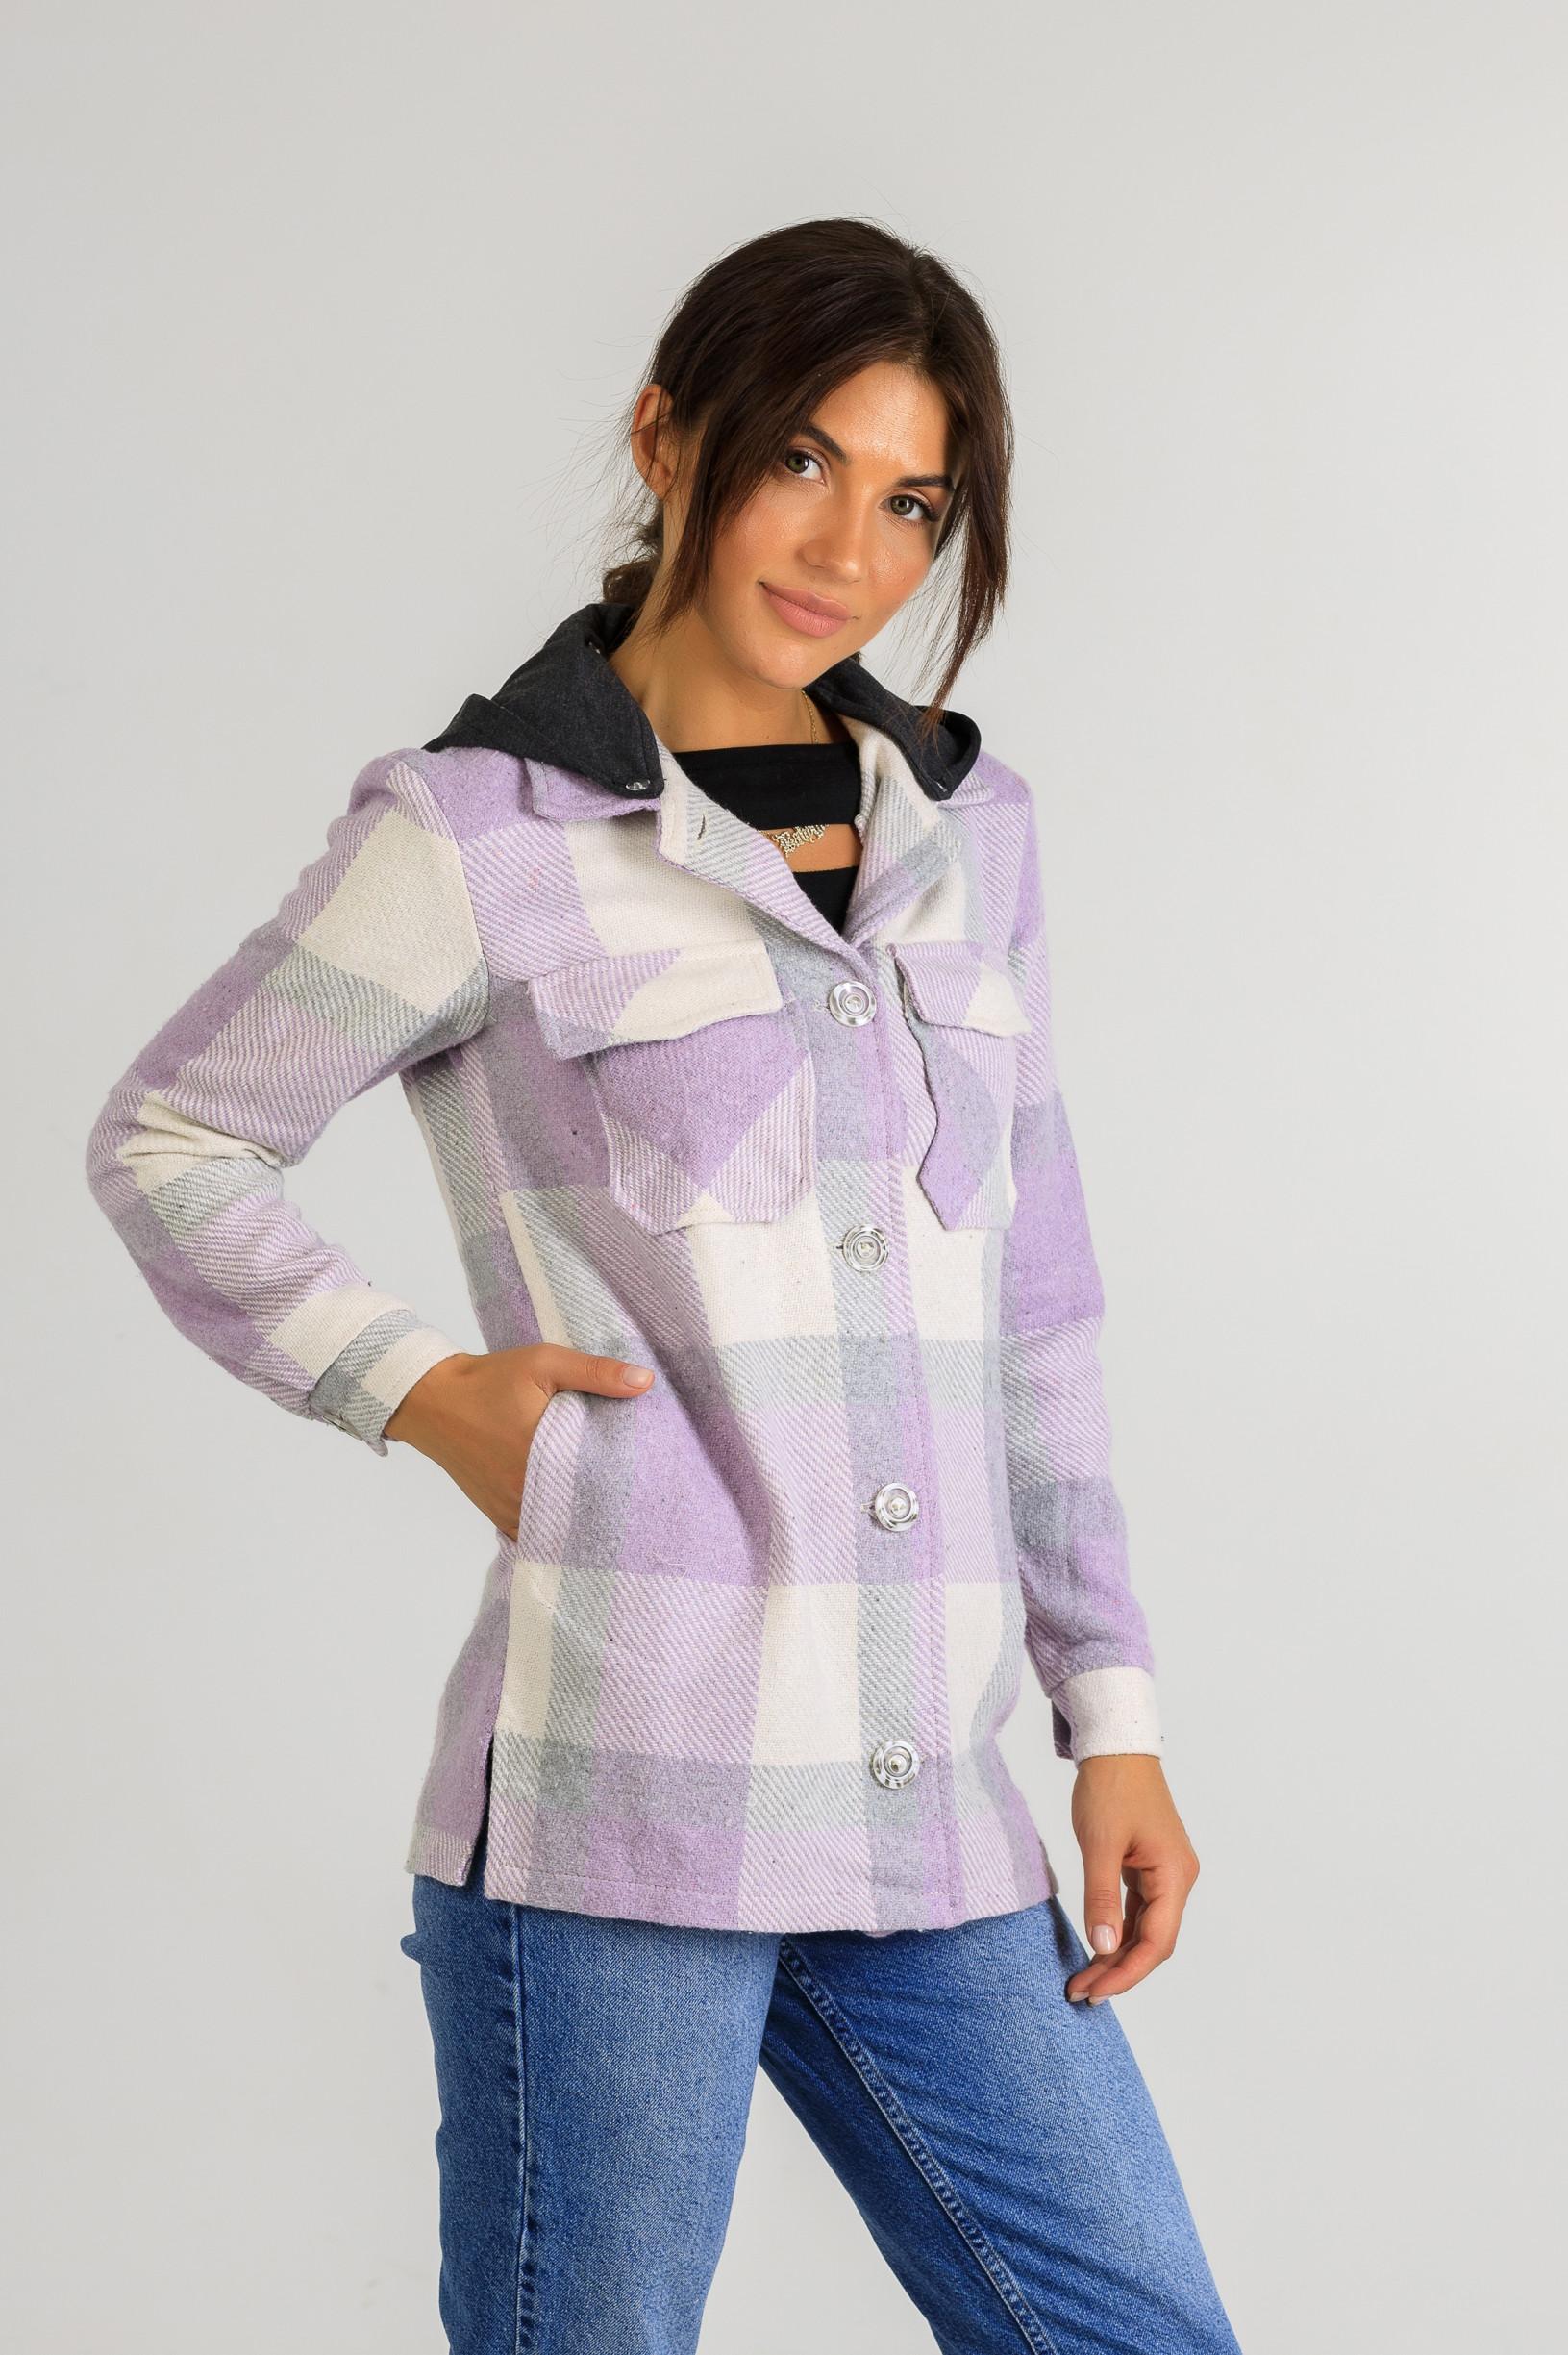 Кардиган-рубаха с капюшоном в клетку Р948 фиолетовый